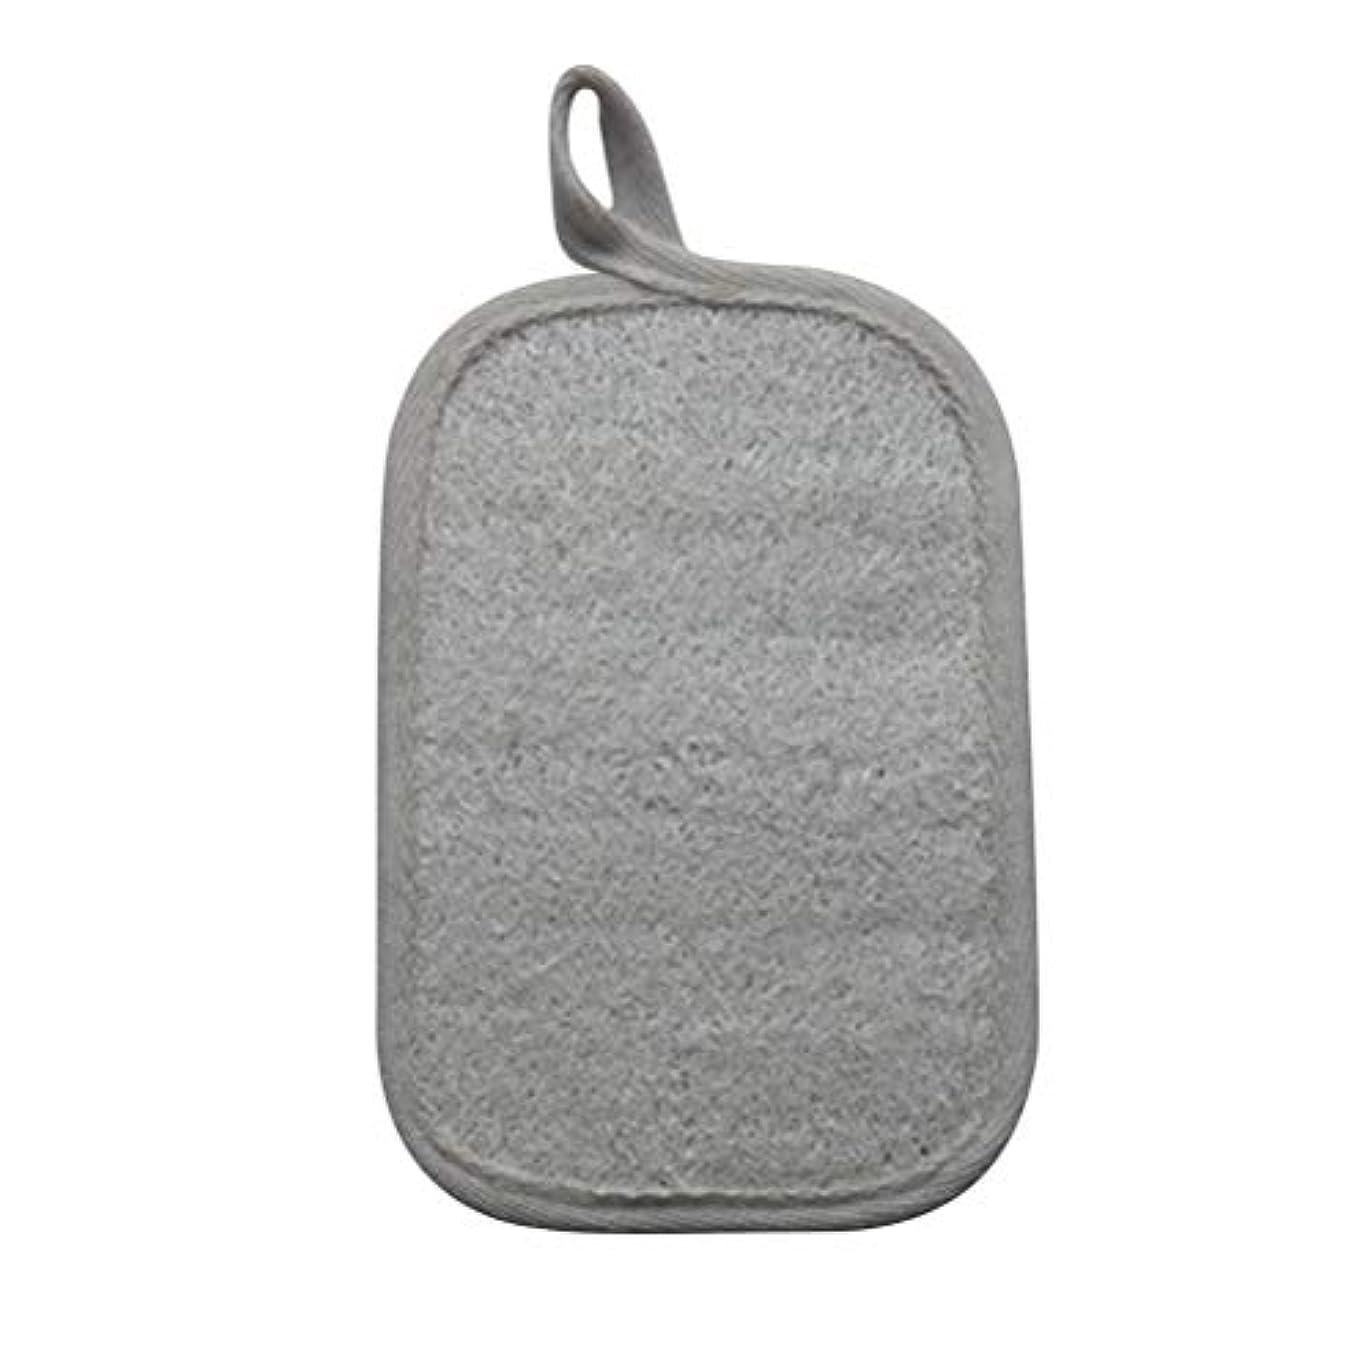 神経自由ウィザードHEALIFTY シャワーのための自然なLoofahのスポンジパッドの風呂の剥離Loofahのスポンジのスクラバー